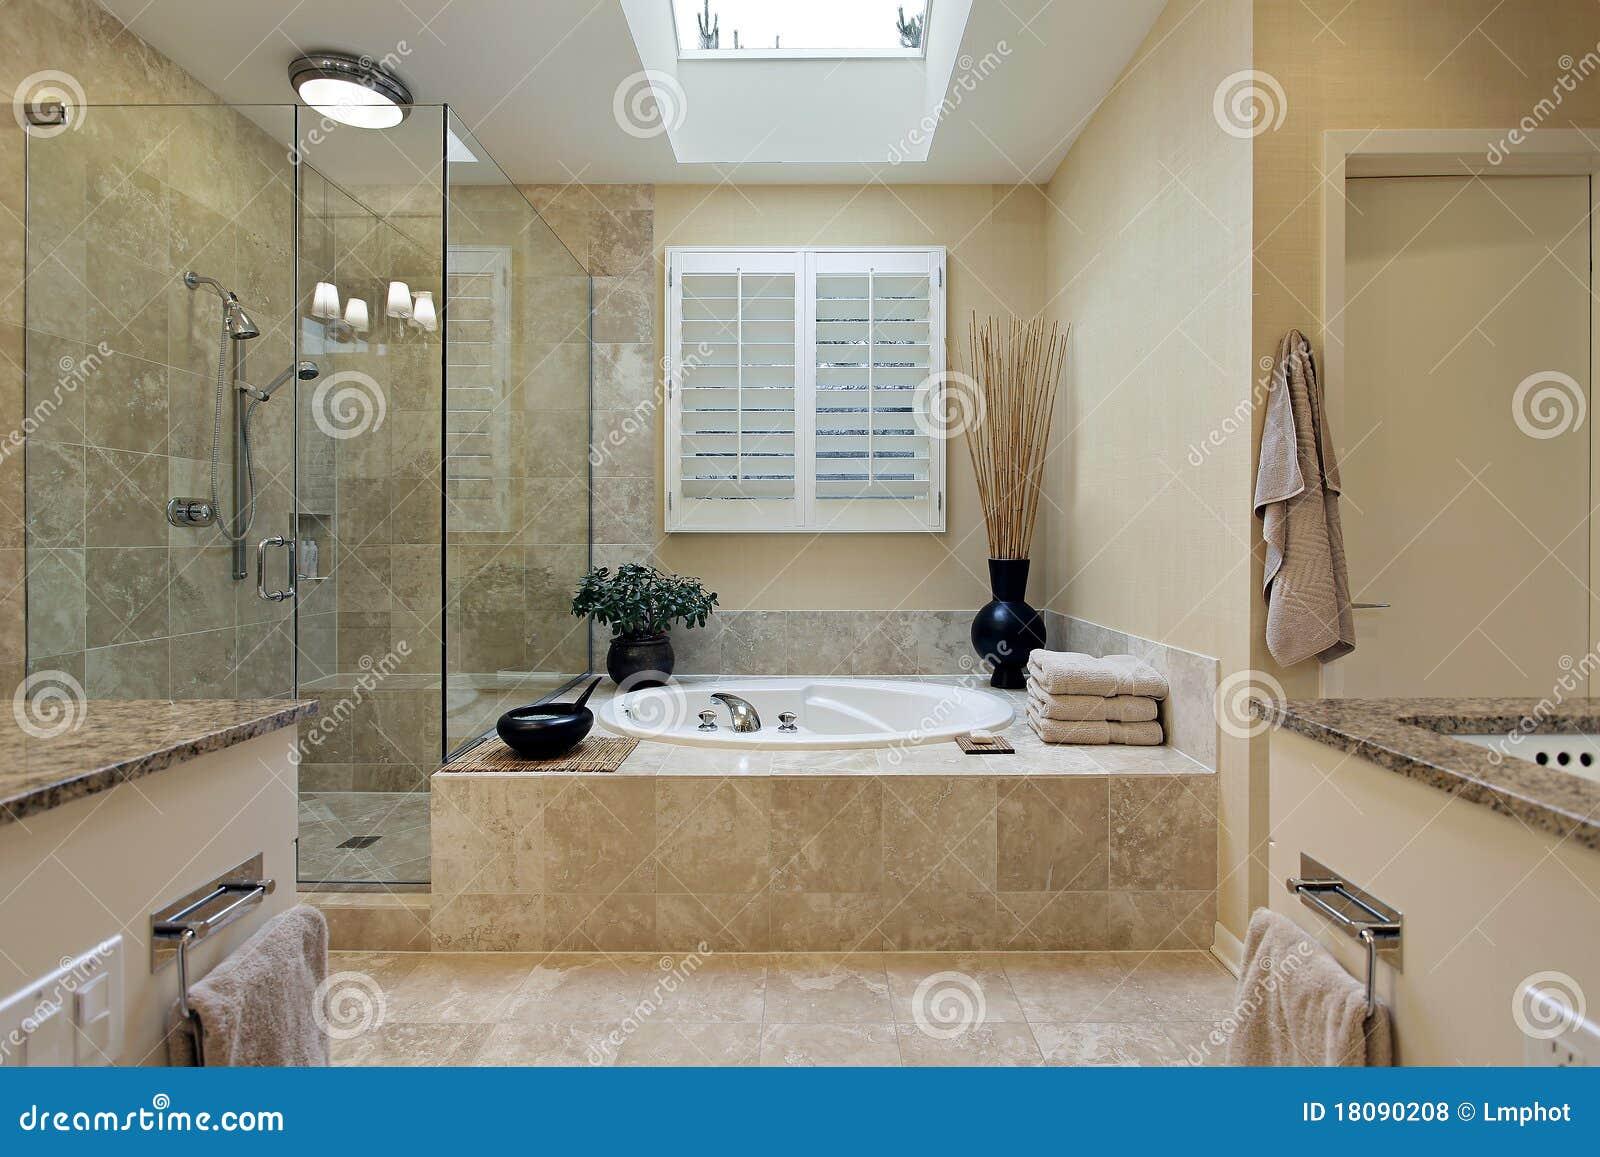 Baños Residenciales Modernos:Fotos de archivo libres de regalías: Baño principal de lujo con el